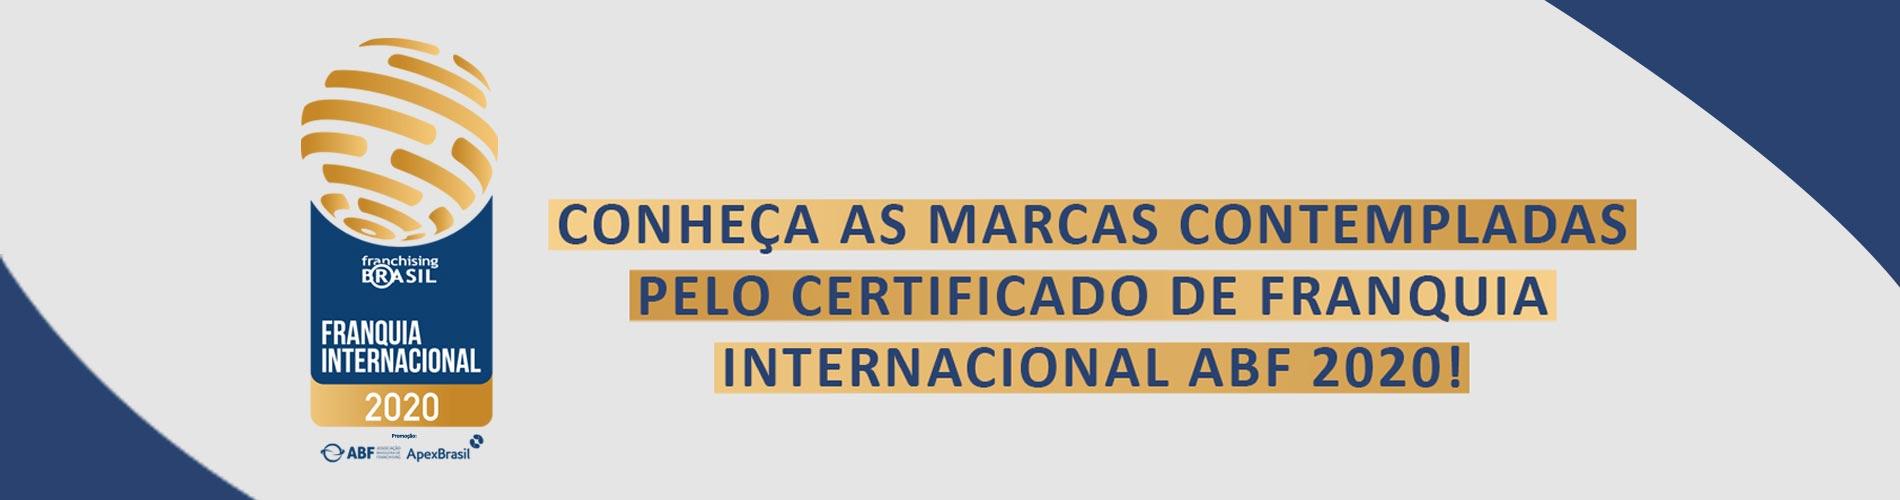 franchising-brasil-certificado-de-franquias-port01